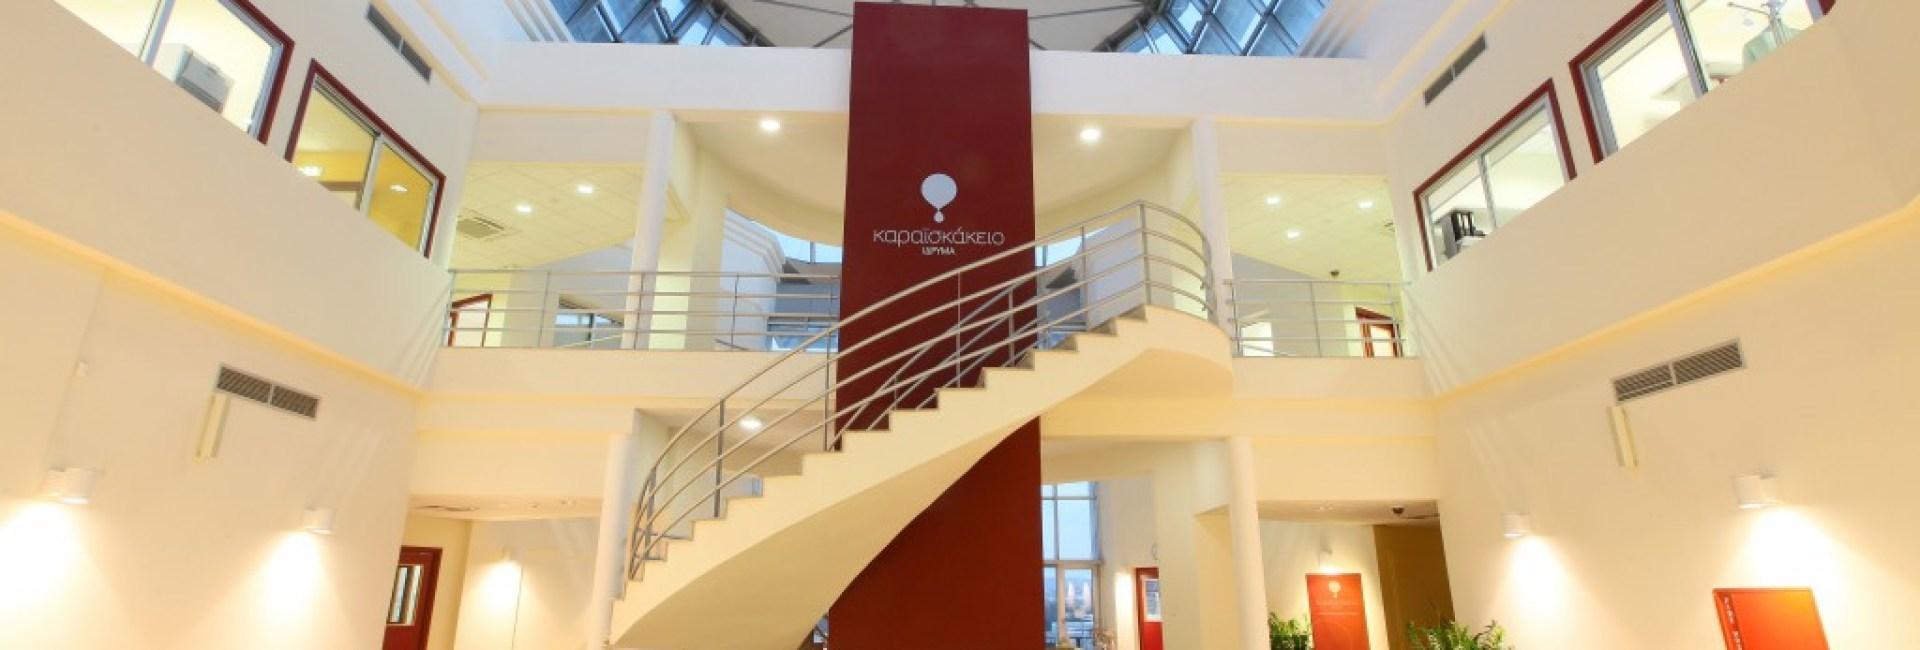 Καραϊσκάκειο Ίδρυμα: 25 χρόνια προσφοράς